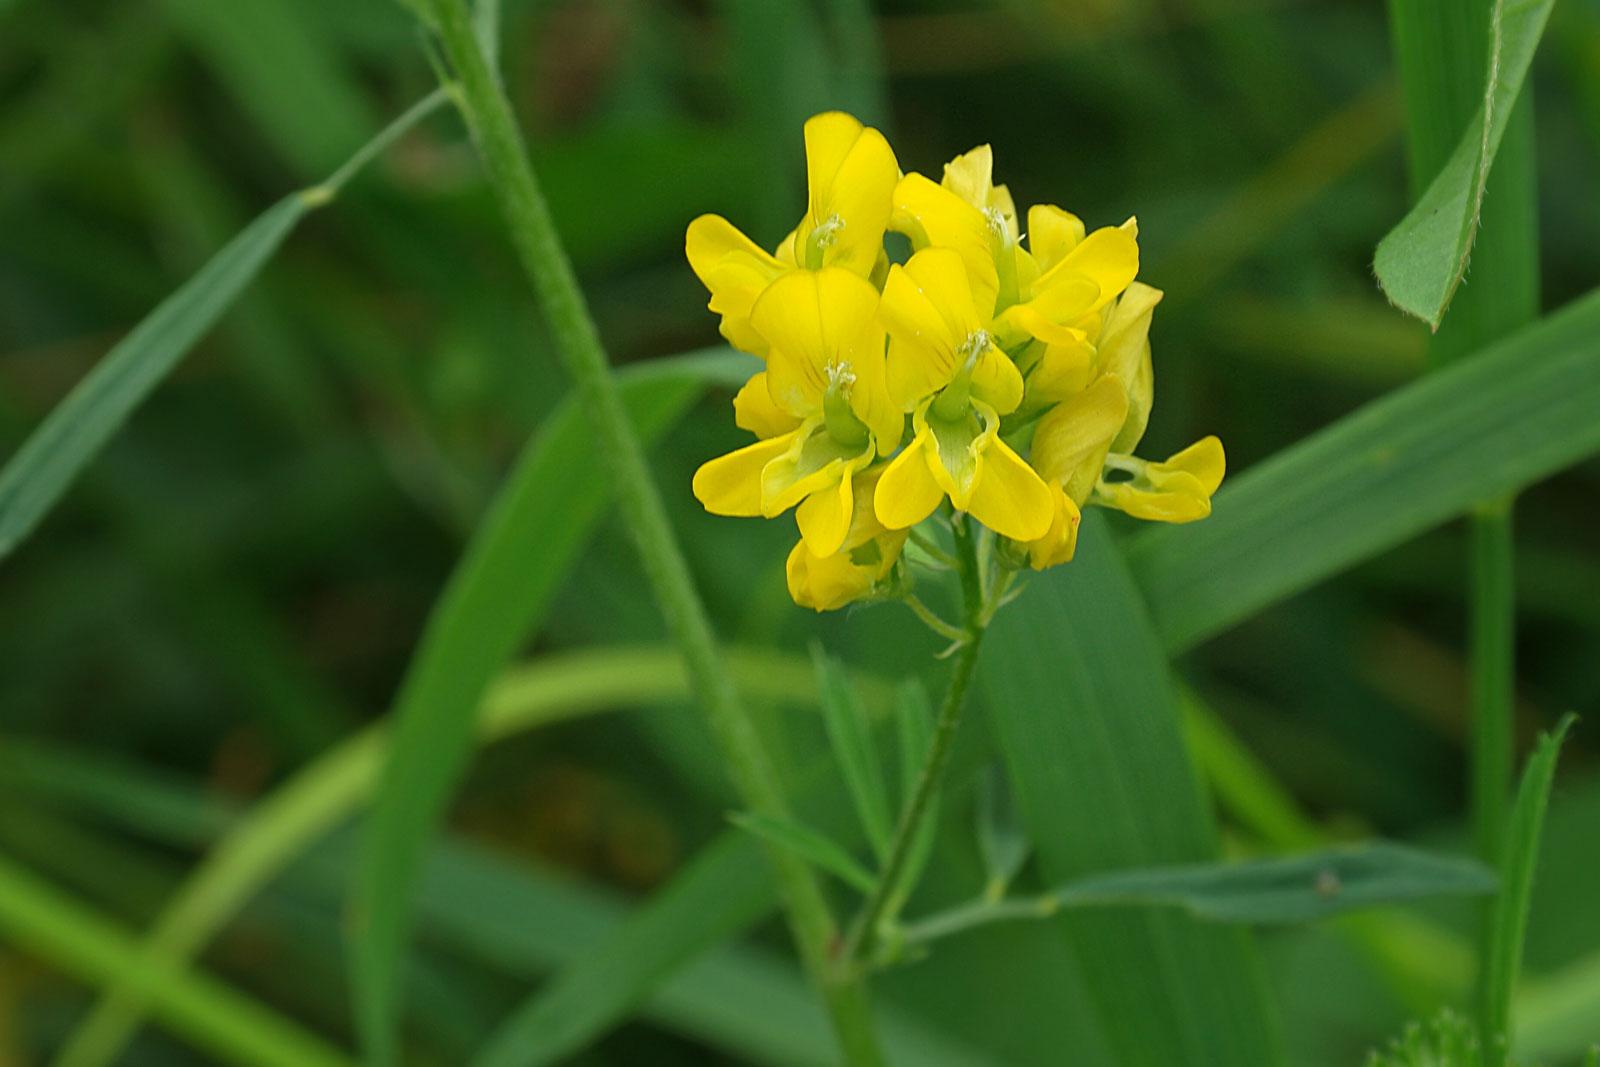 Medicago sativa ssp. falcata